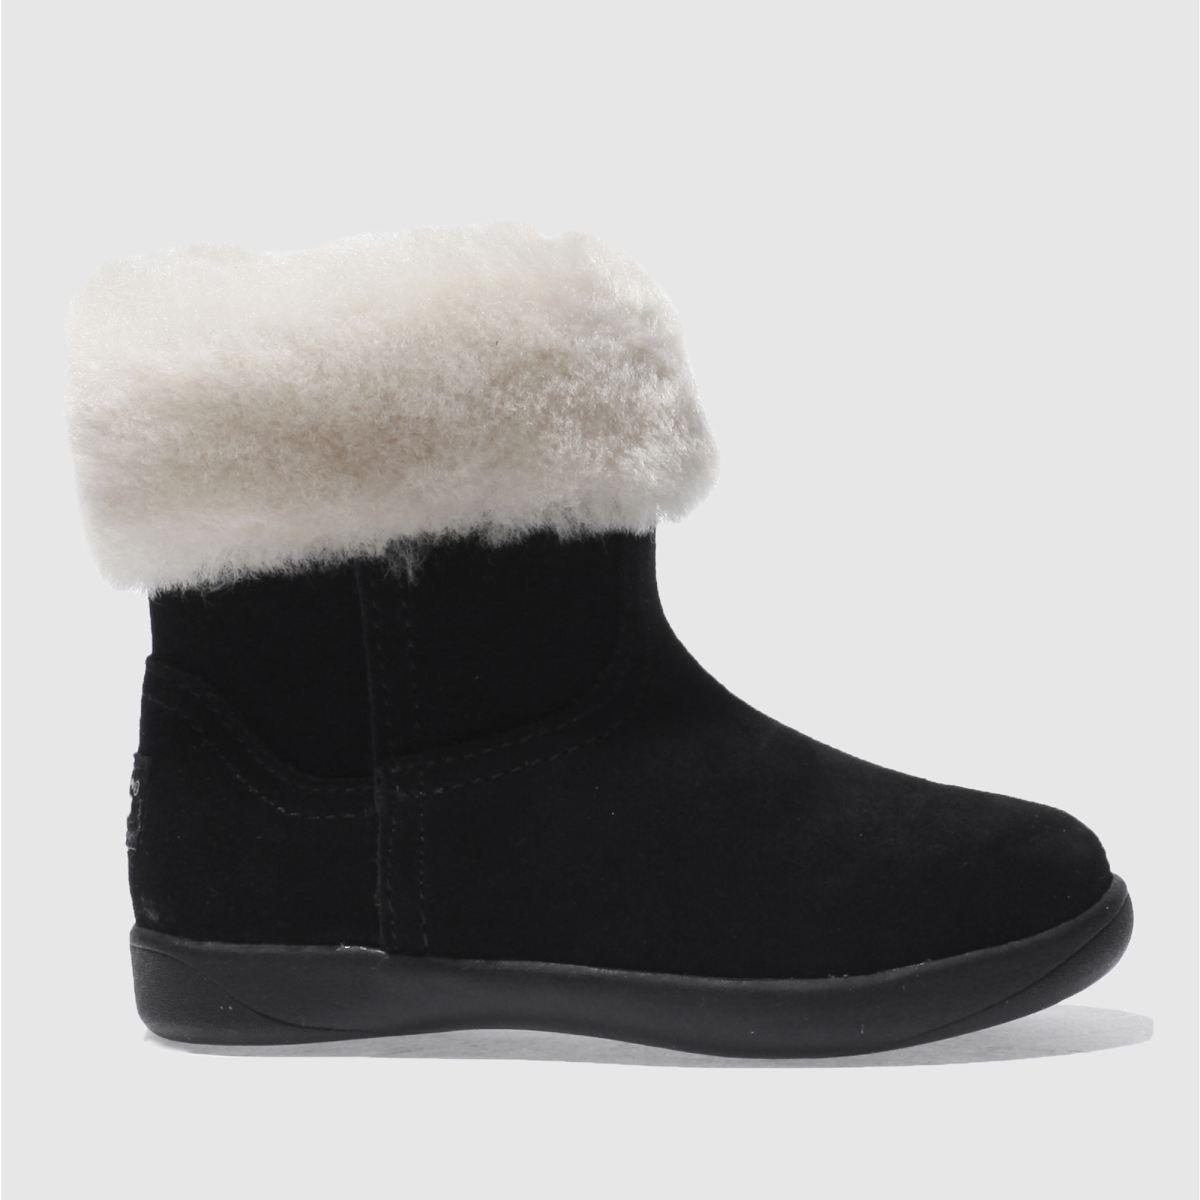 UGG Black Jorie Boots Toddler